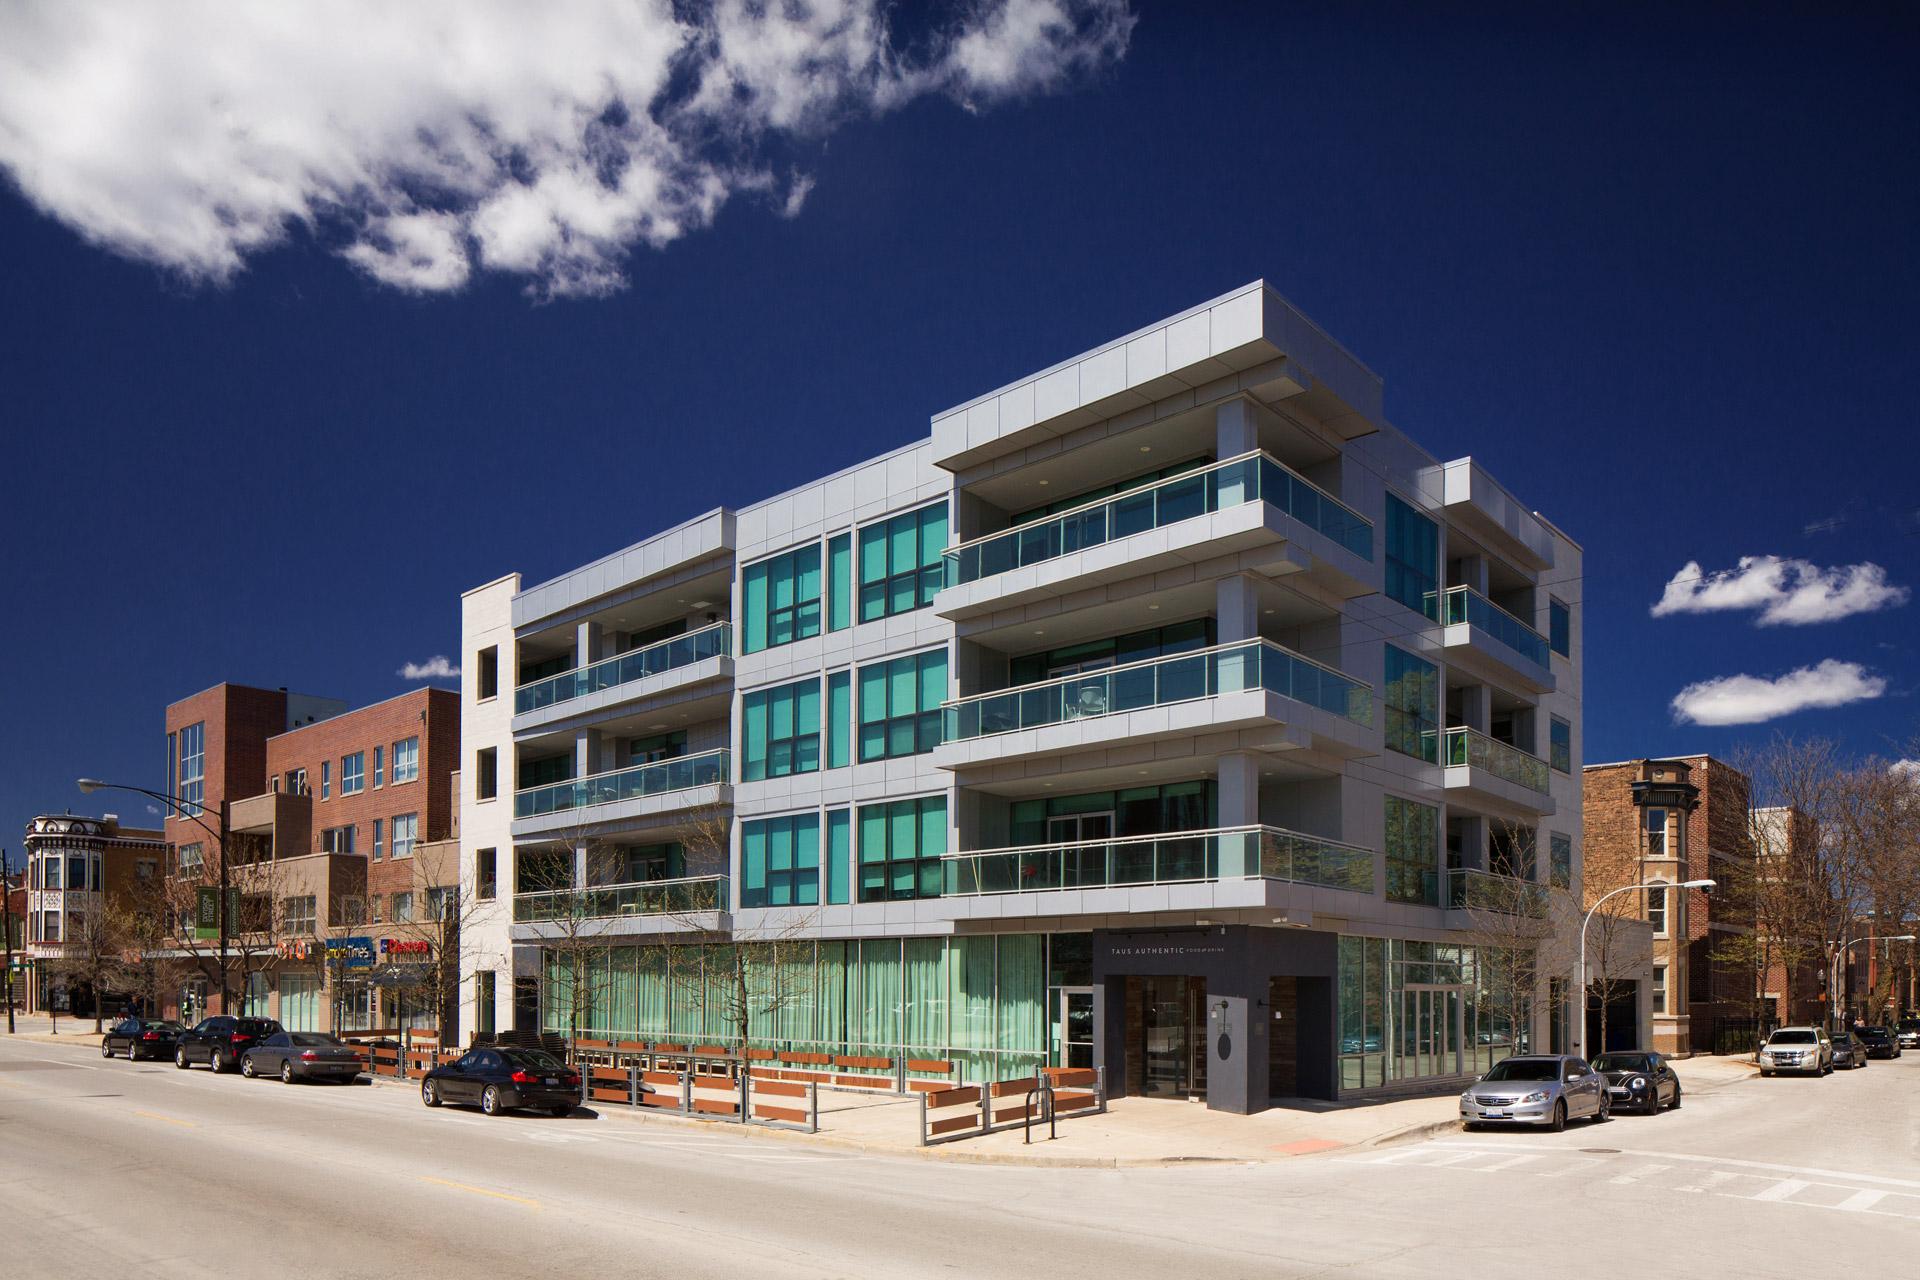 Condominium Development Building